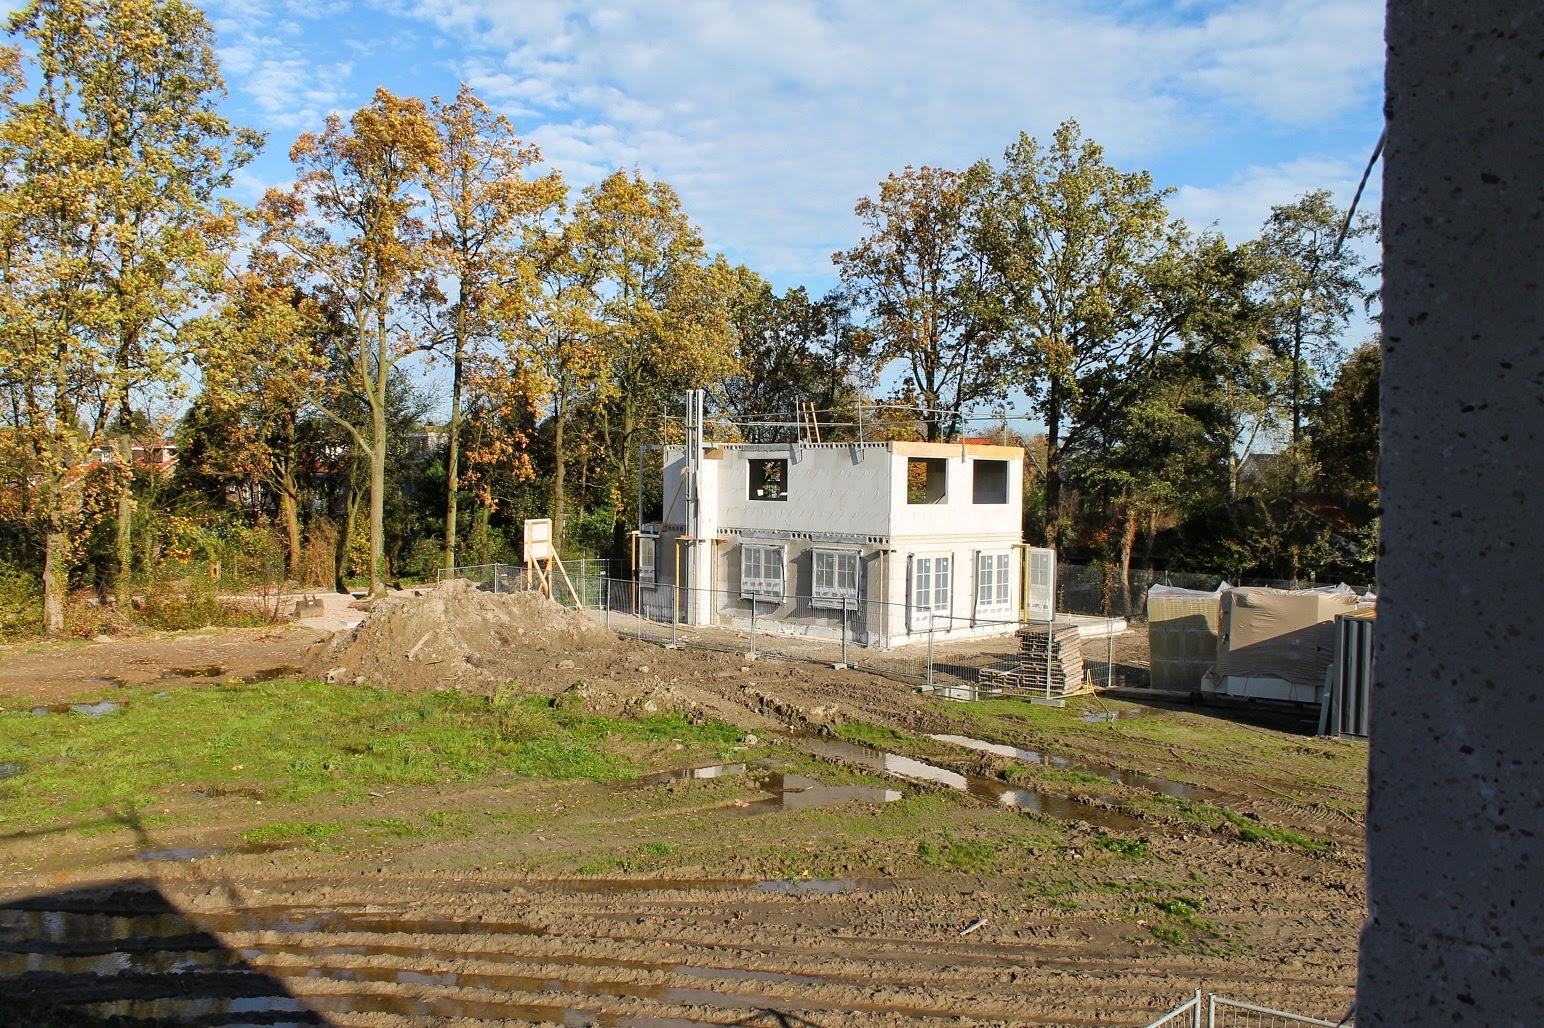 Helen, marc & olivia bouwen een huis: november 2014